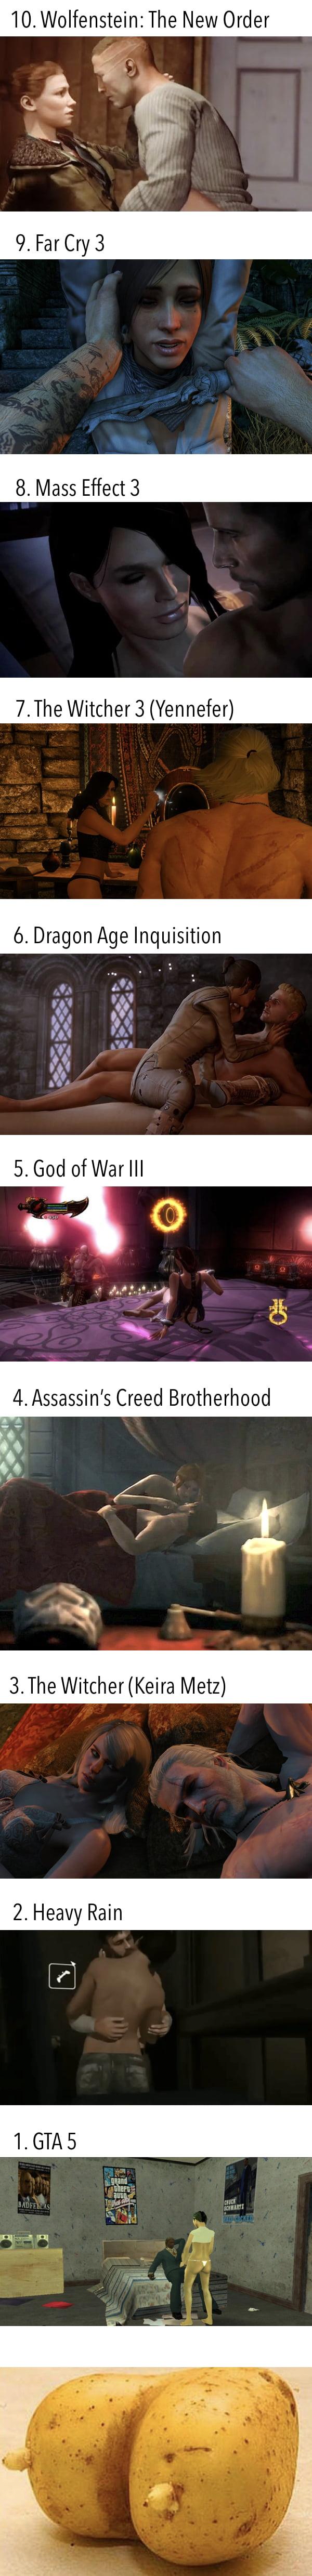 best sex scenes in video games